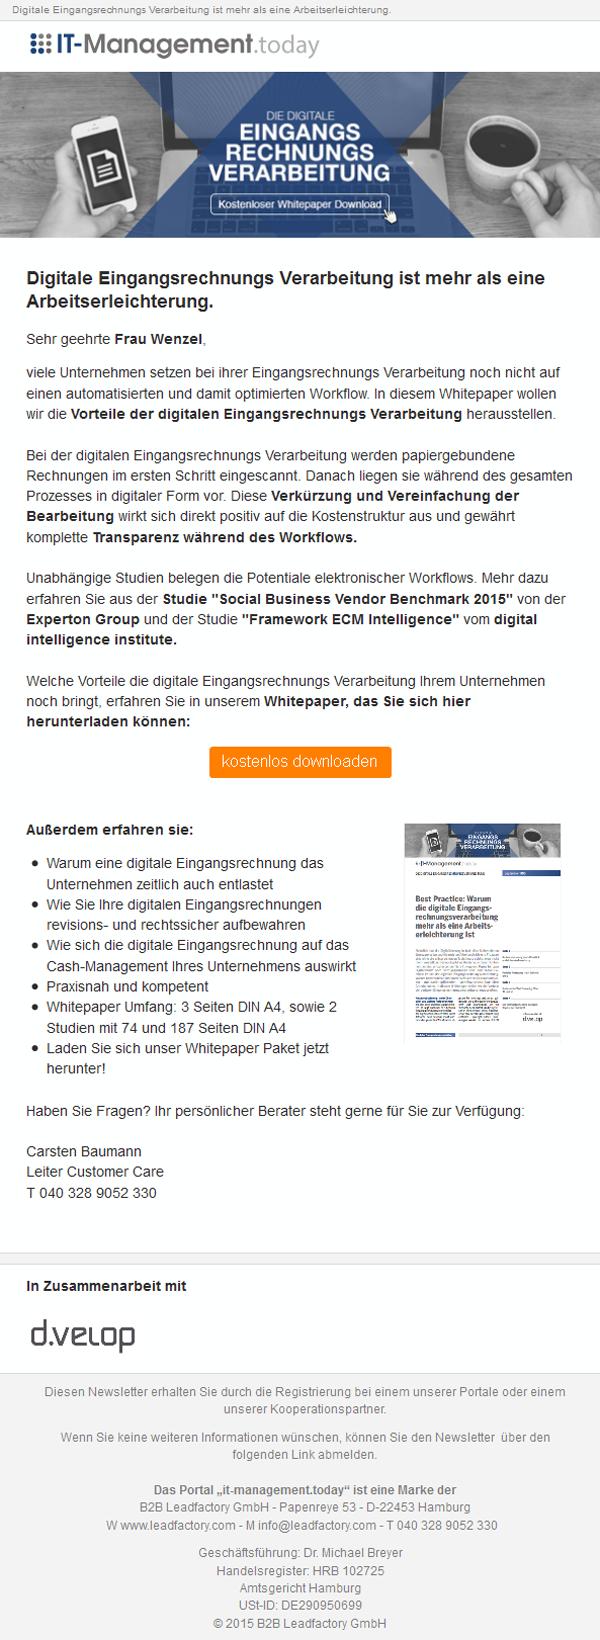 Kampagne_Mailing_Studie_Die digitale Eingangsrechnungsverarbeitung